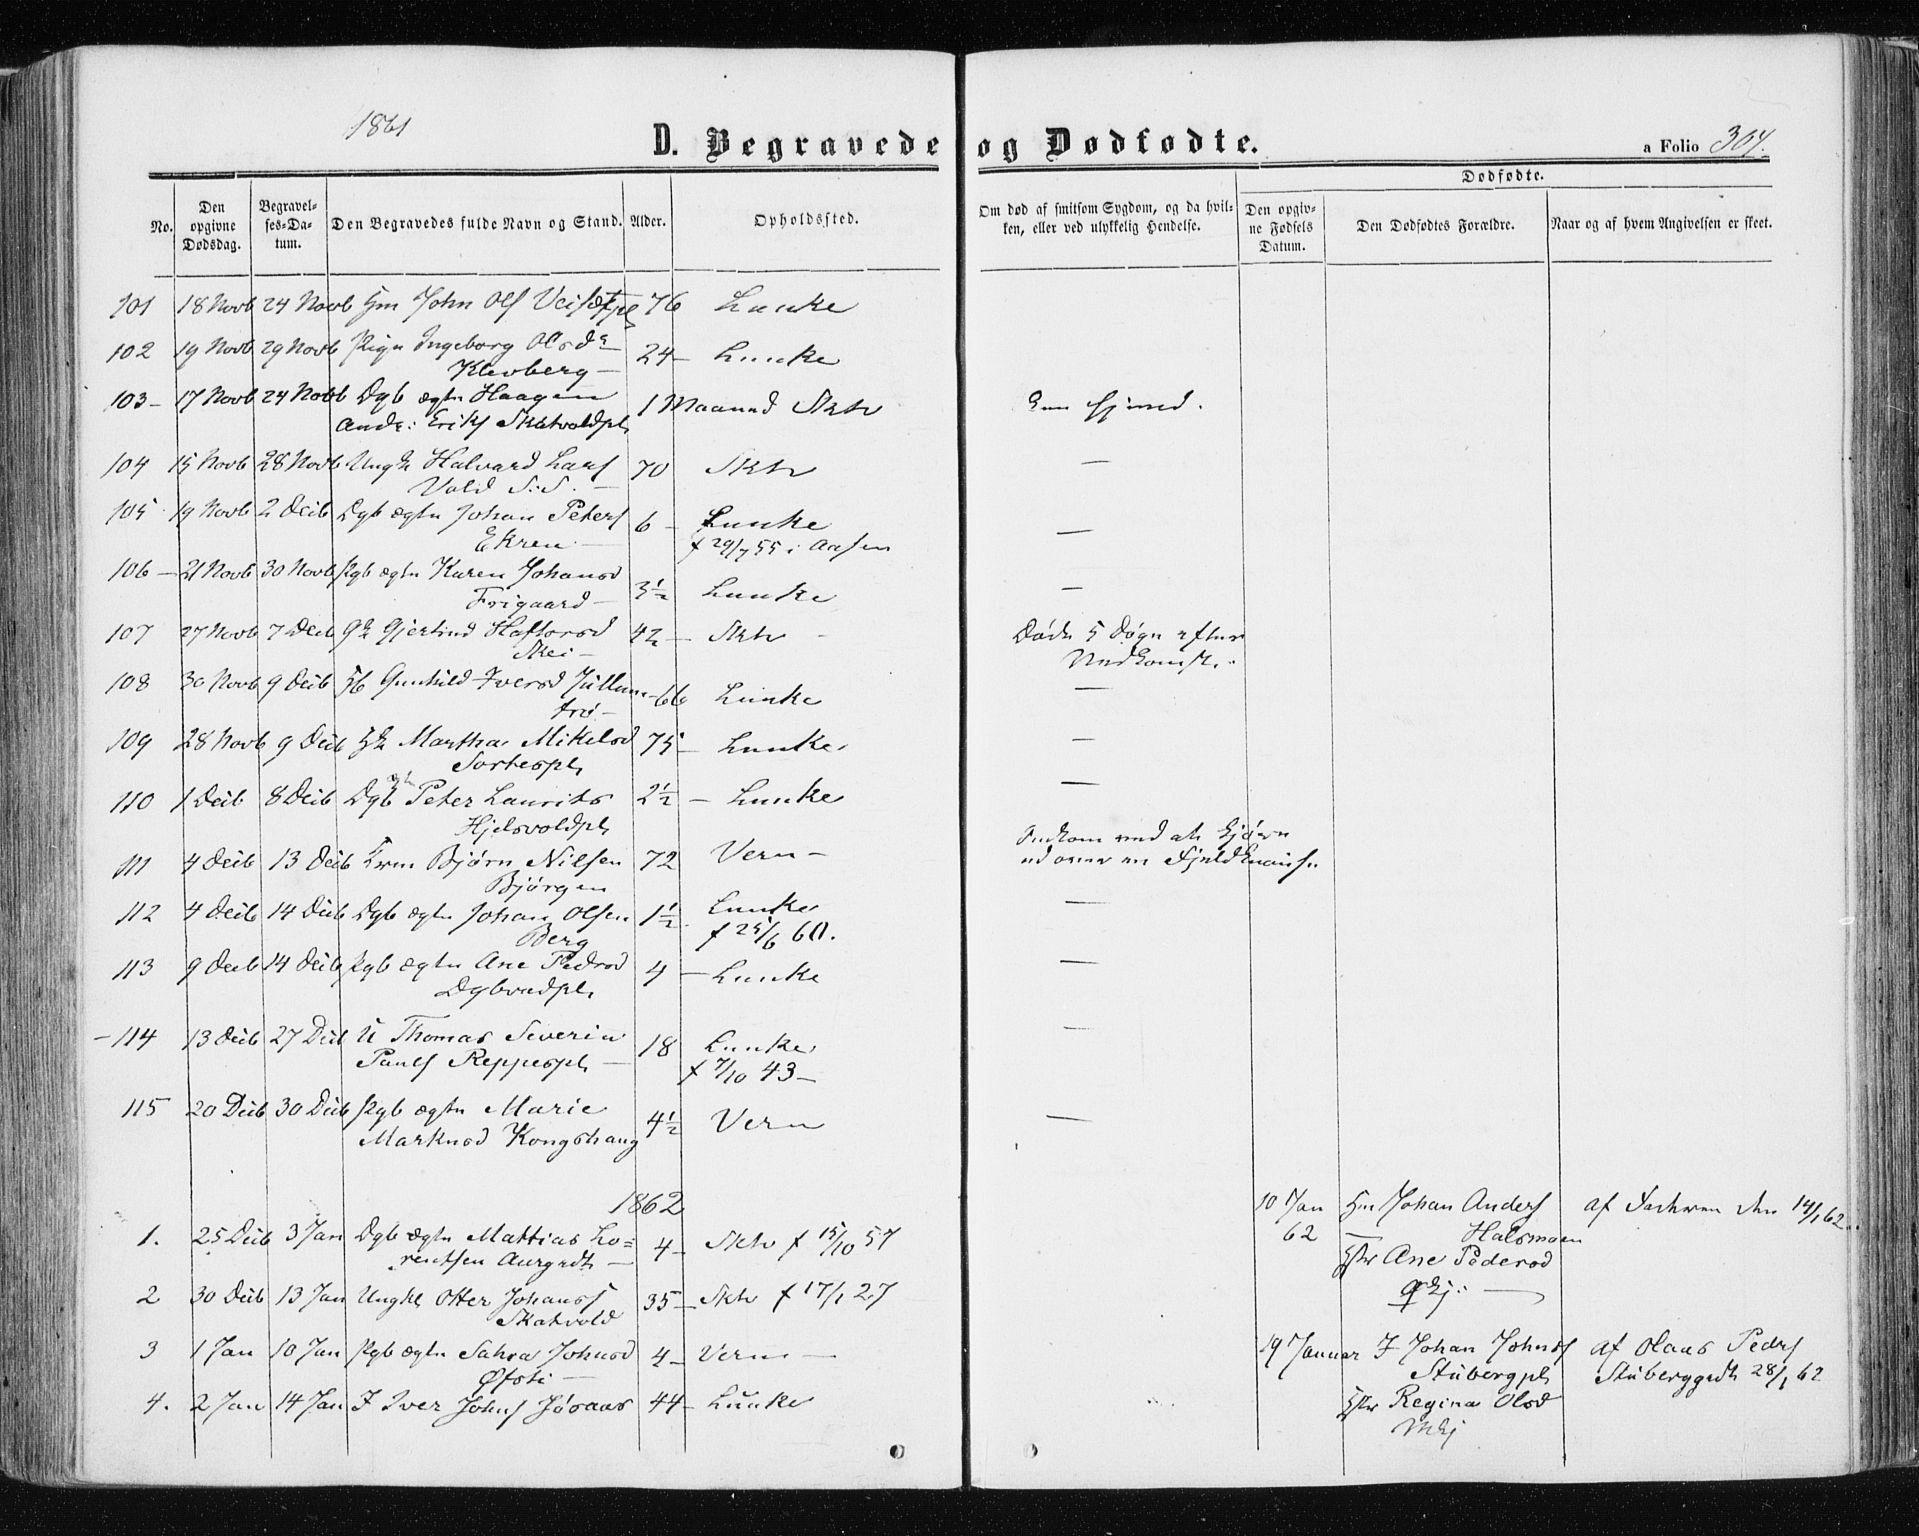 SAT, Ministerialprotokoller, klokkerbøker og fødselsregistre - Nord-Trøndelag, 709/L0075: Ministerialbok nr. 709A15, 1859-1870, s. 304